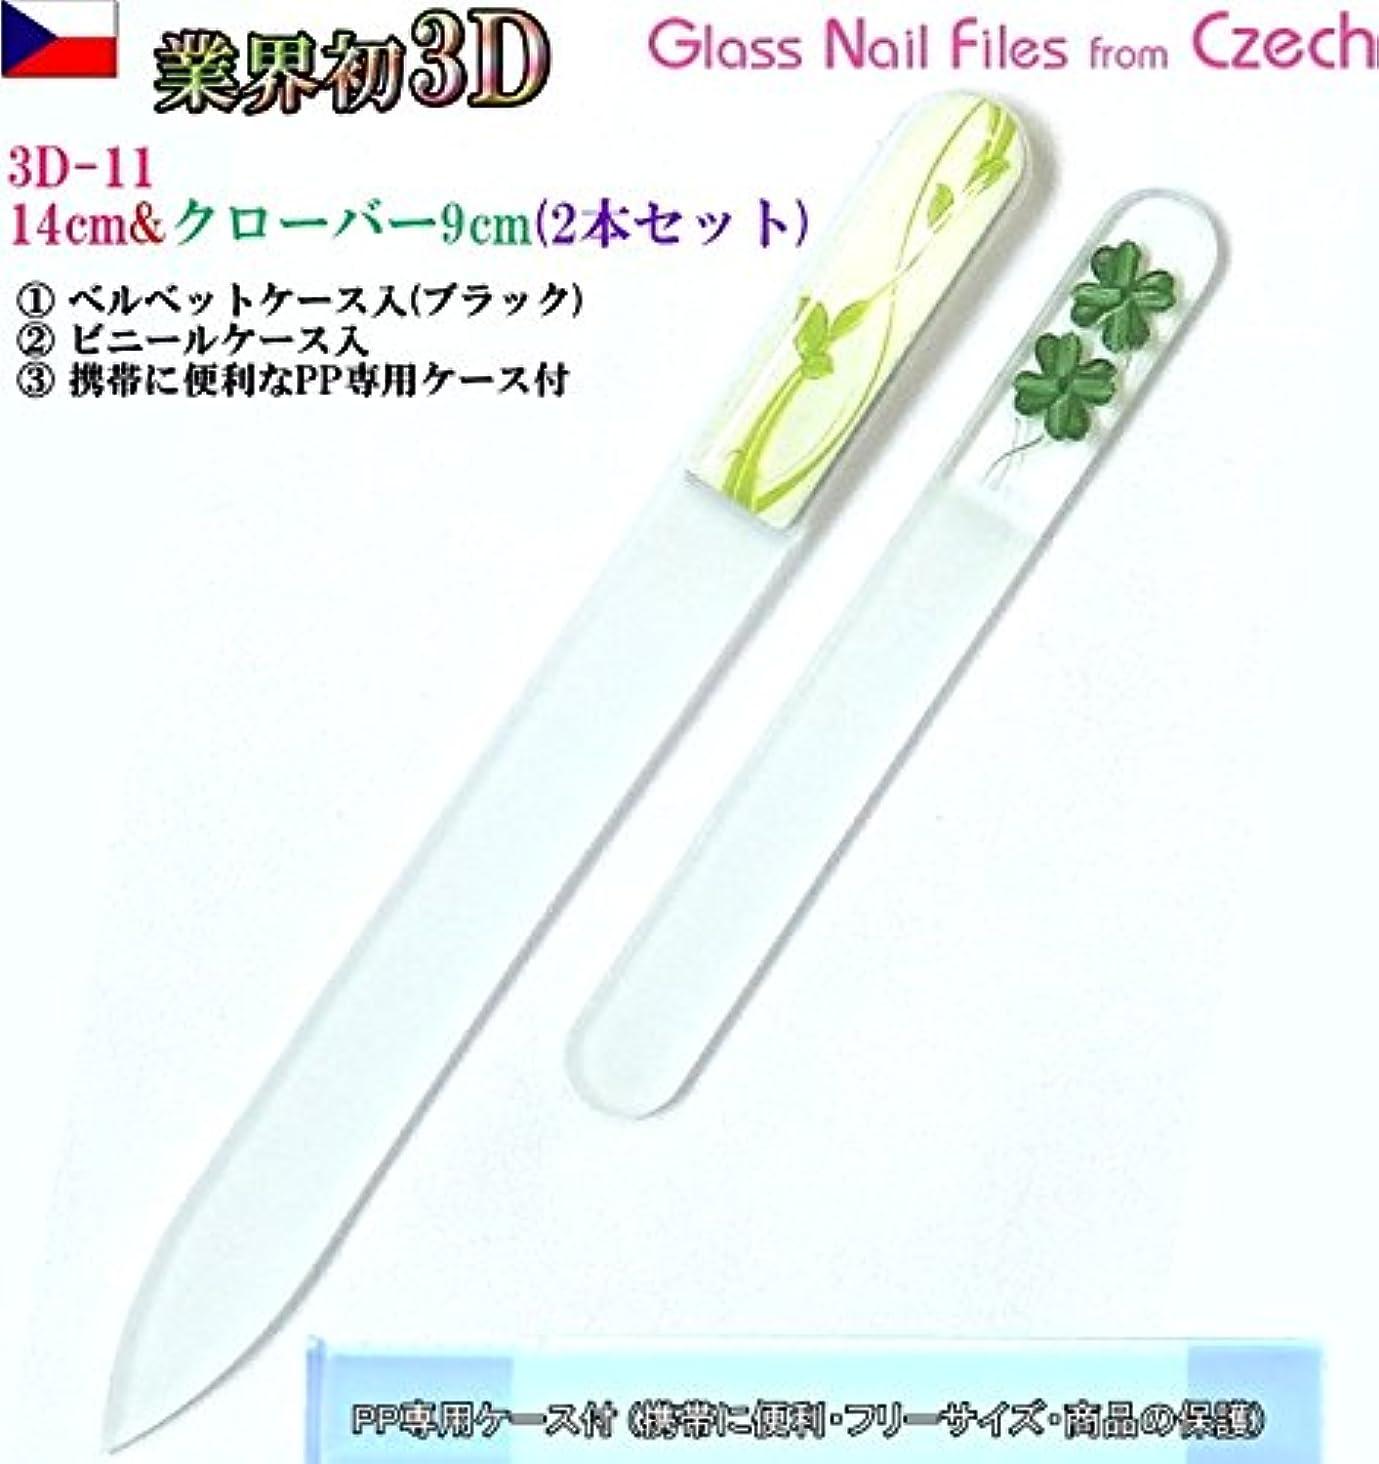 三角空気明らかBISON 3D チェコ製ガラス爪ヤスリ 2Pセット M11&Sクローバー各両面仕上げ ?専用ケース付